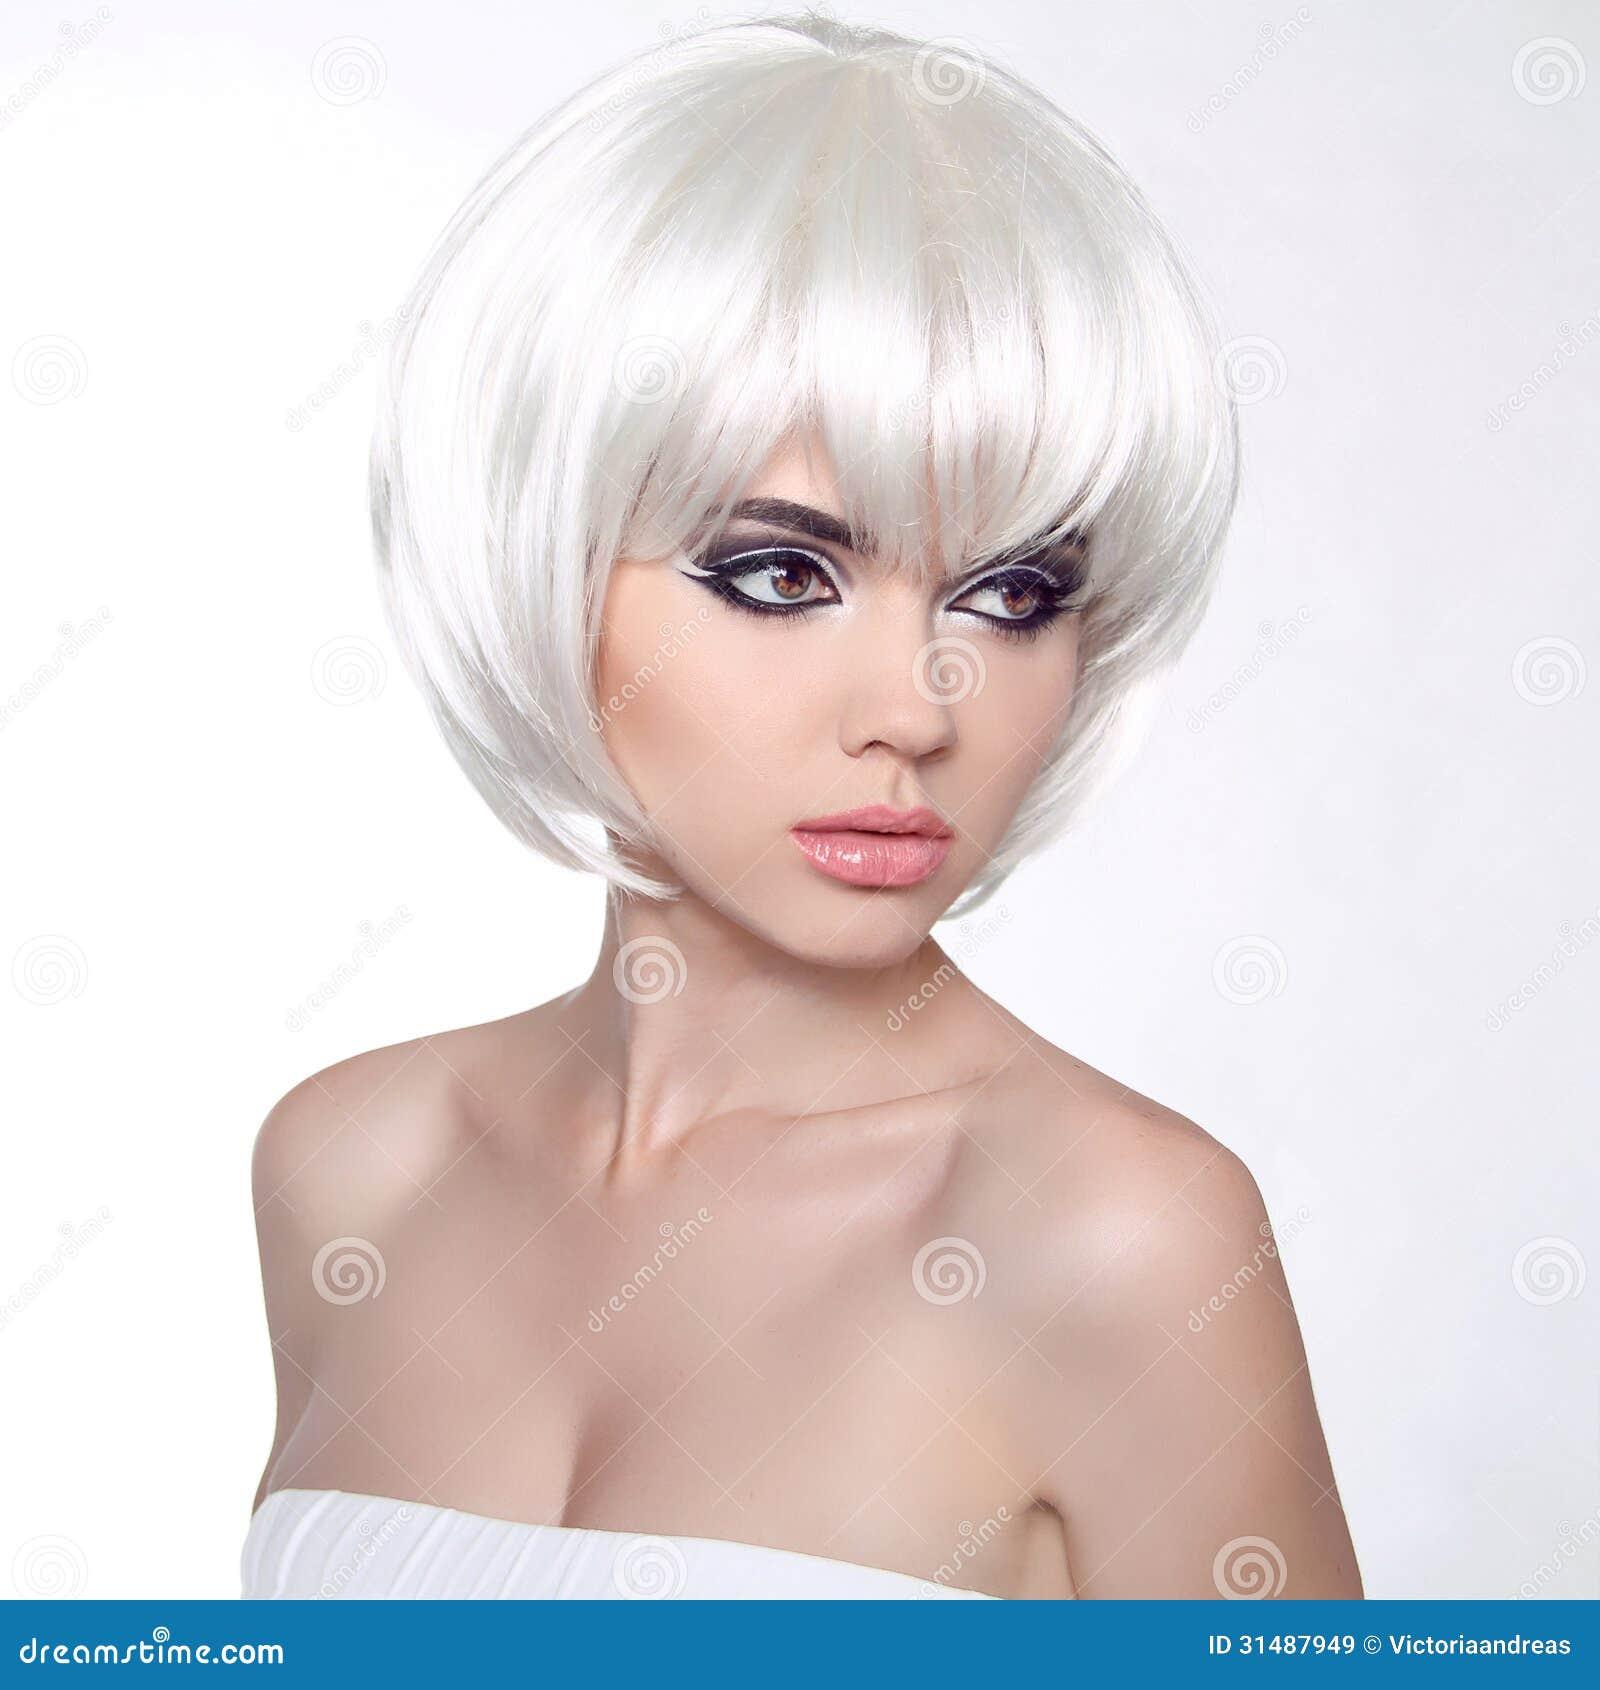 Peinados y maquillaje pelo corto